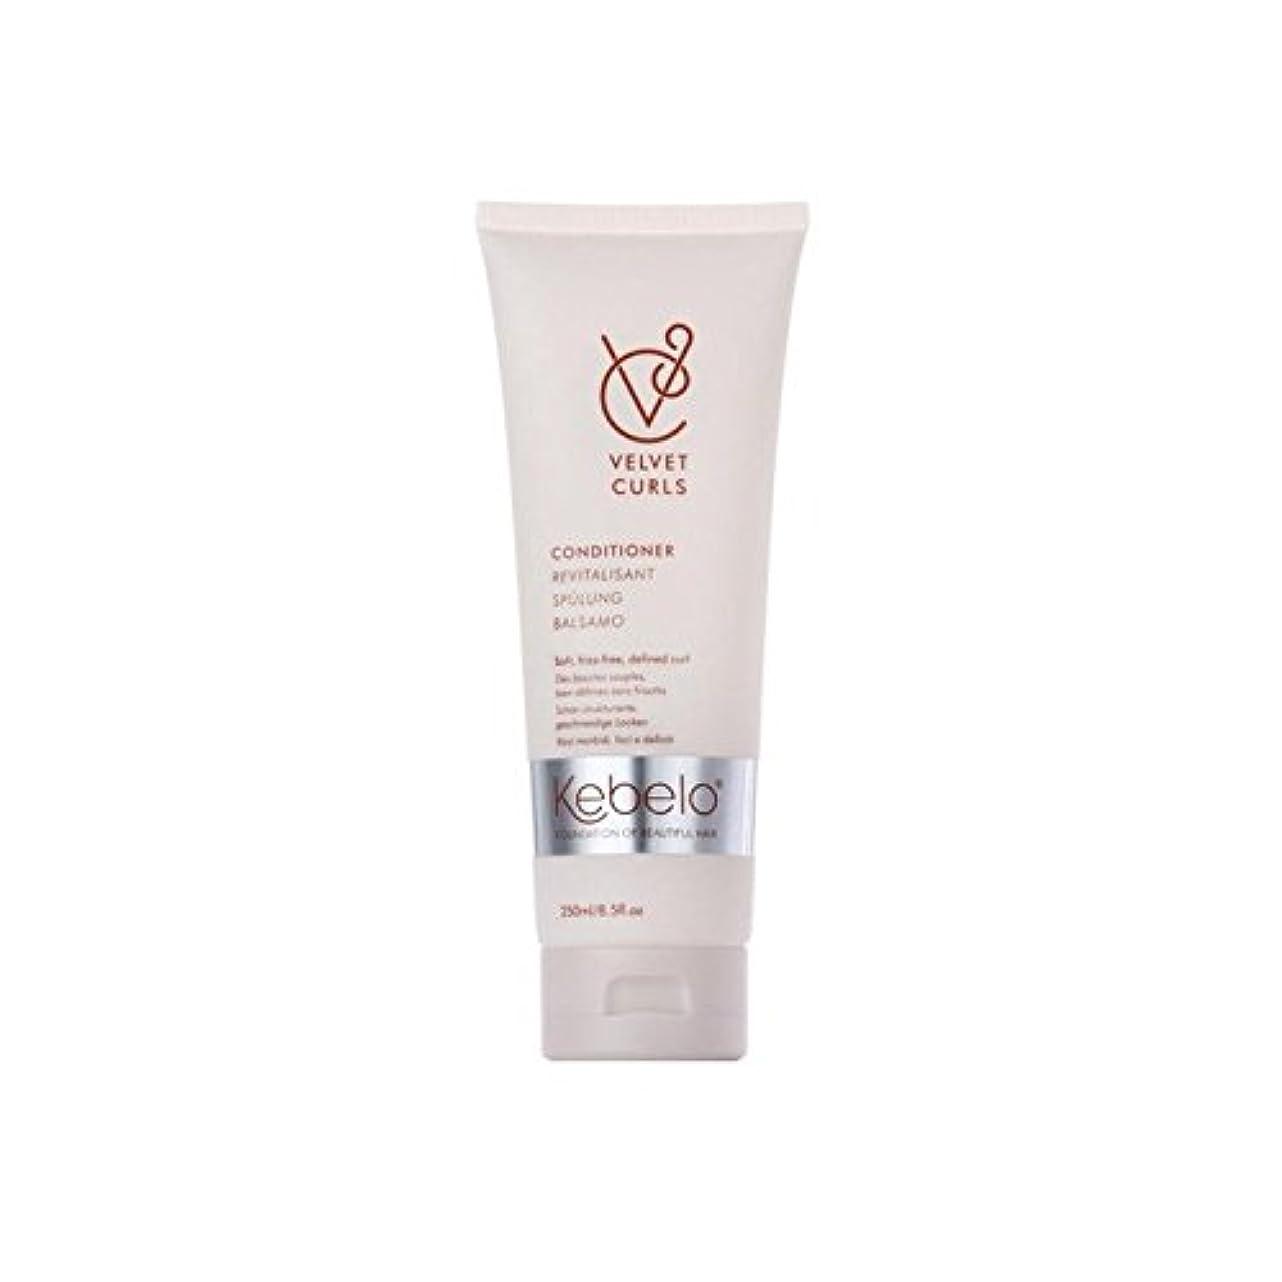 パイント発火するシャワーKebelo Velvet Curls Conditioner (250ml) (Pack of 6) - ベルベットのカールコンディショナー(250ミリリットル) x6 [並行輸入品]